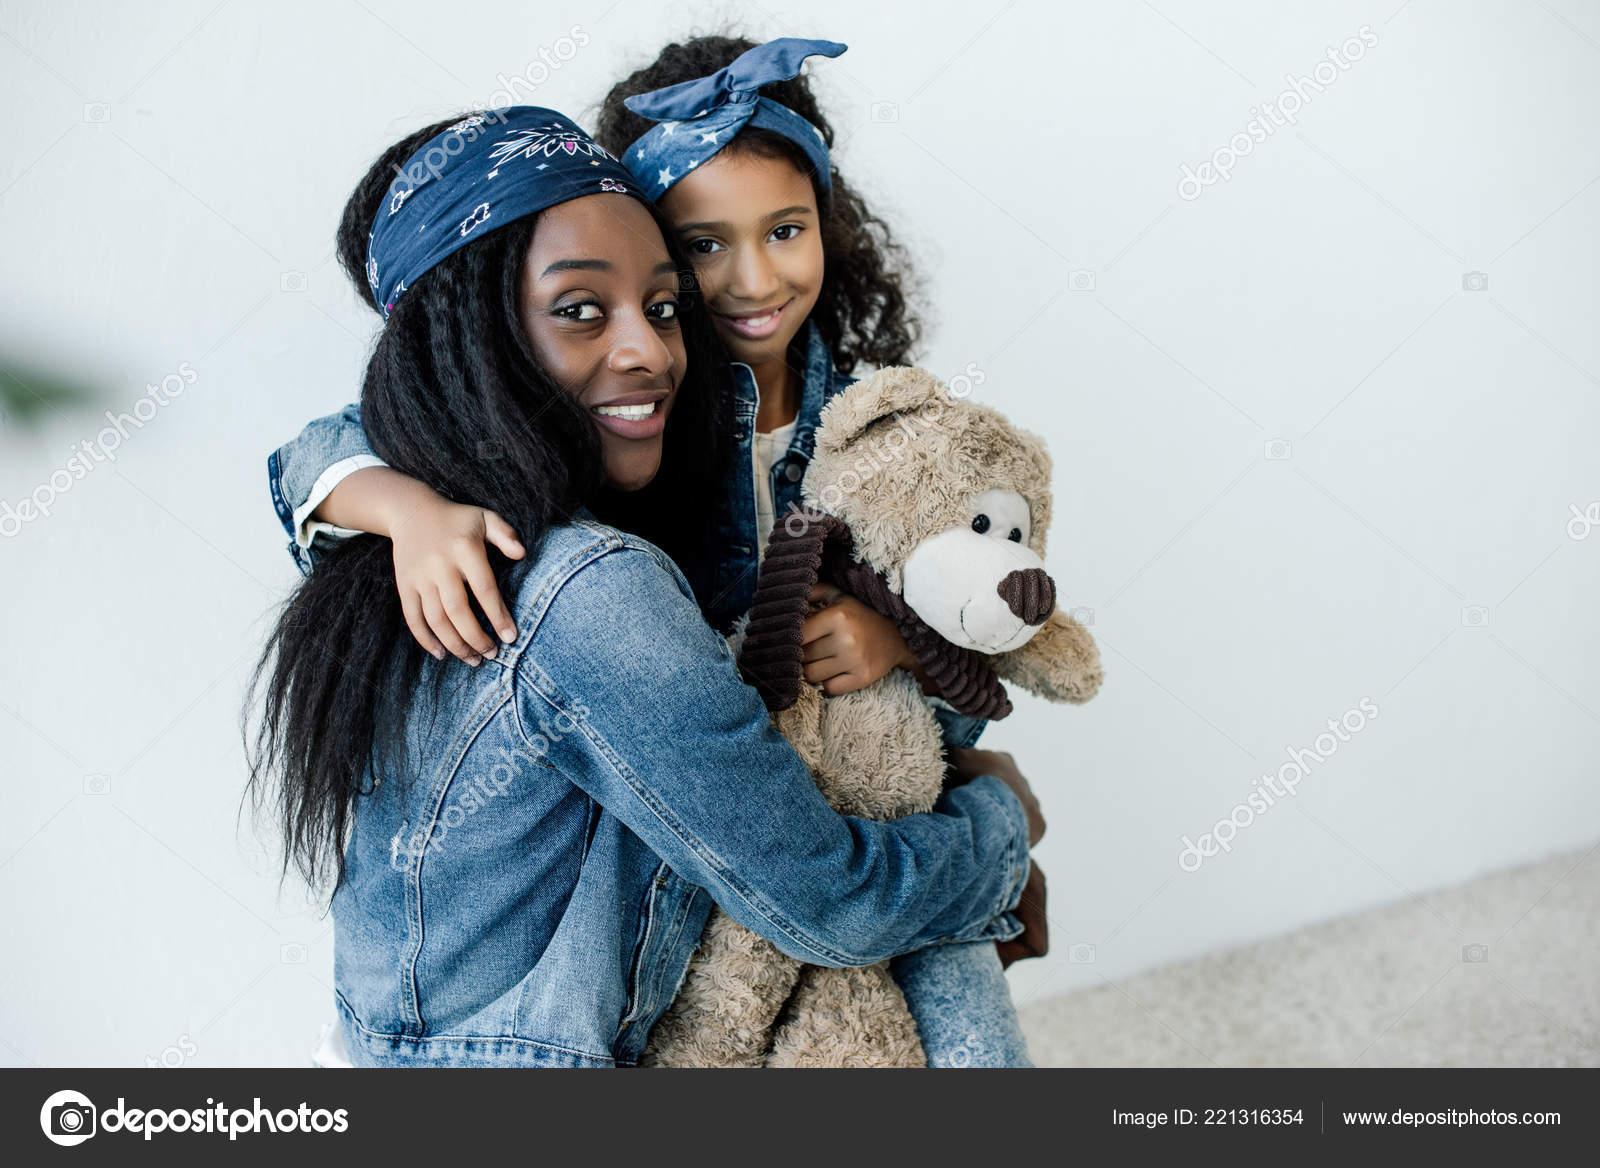 Retrato Sonriente Hija Afro Americana Con Madre Abrazos Oso Peluche